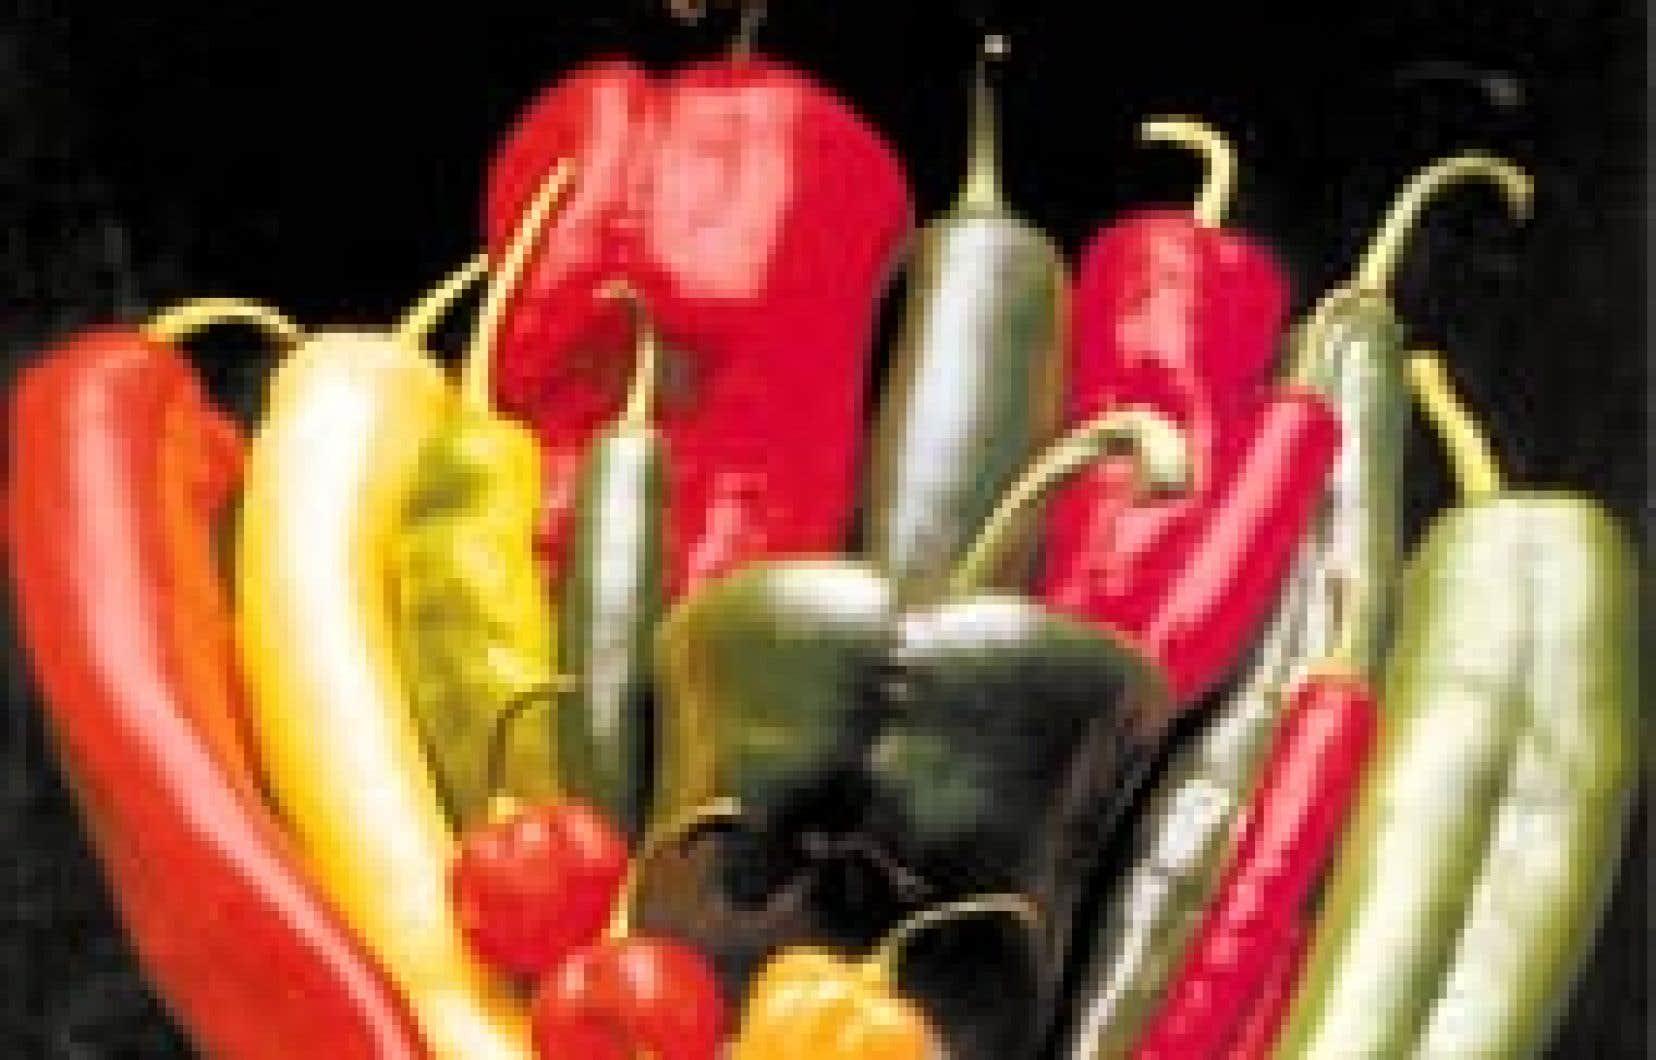 On s'entend généralement pour appeler poivron le gros piment doux que l'on retrouve dans tous les comptoirs de fruits et légumes. On utilise le terme piment pour tous les autres. - Photo Petoseed